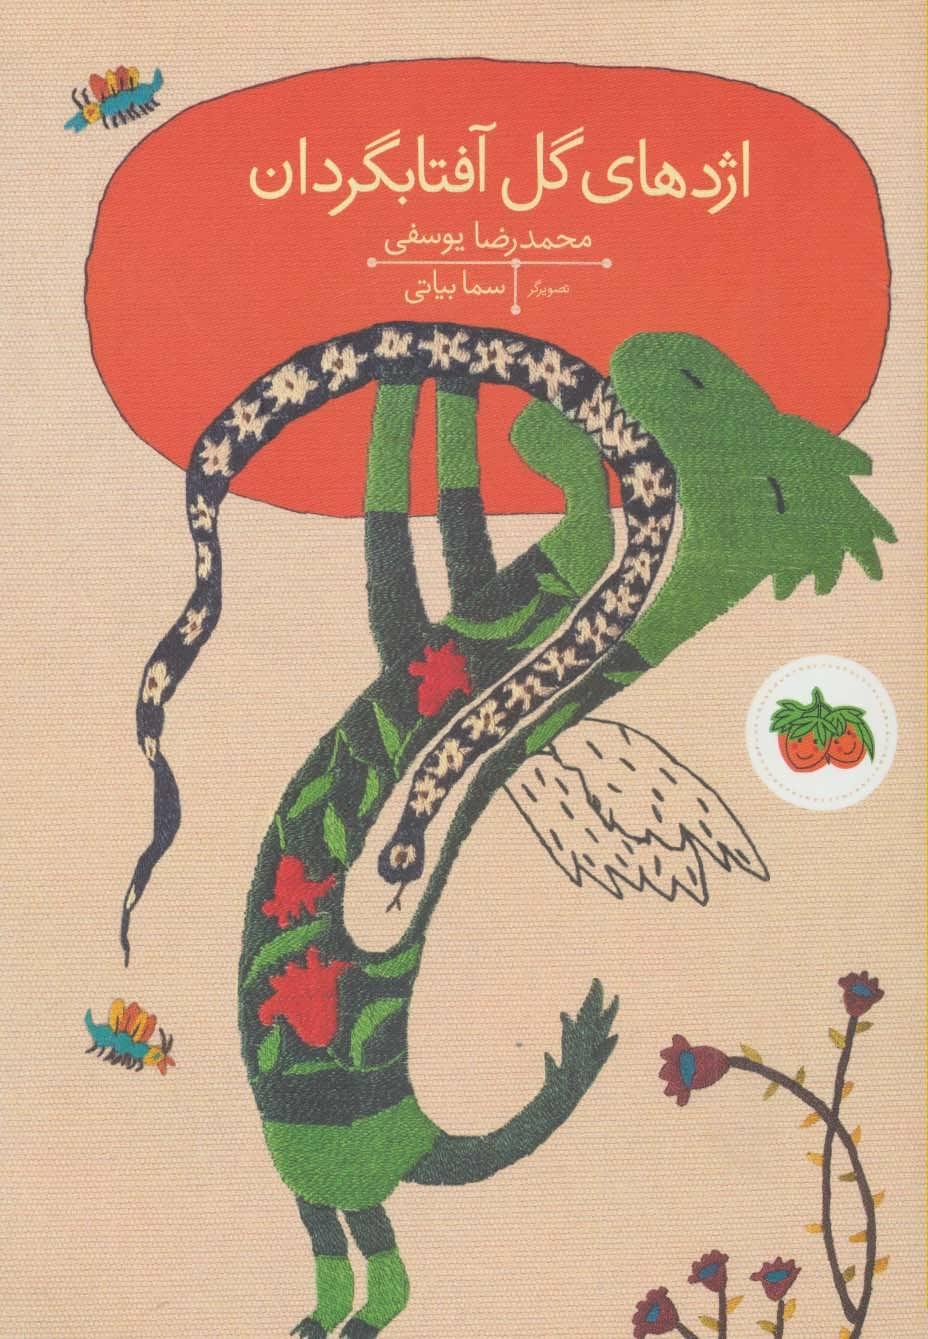 کتاب اژدهای گل آفتابگردان